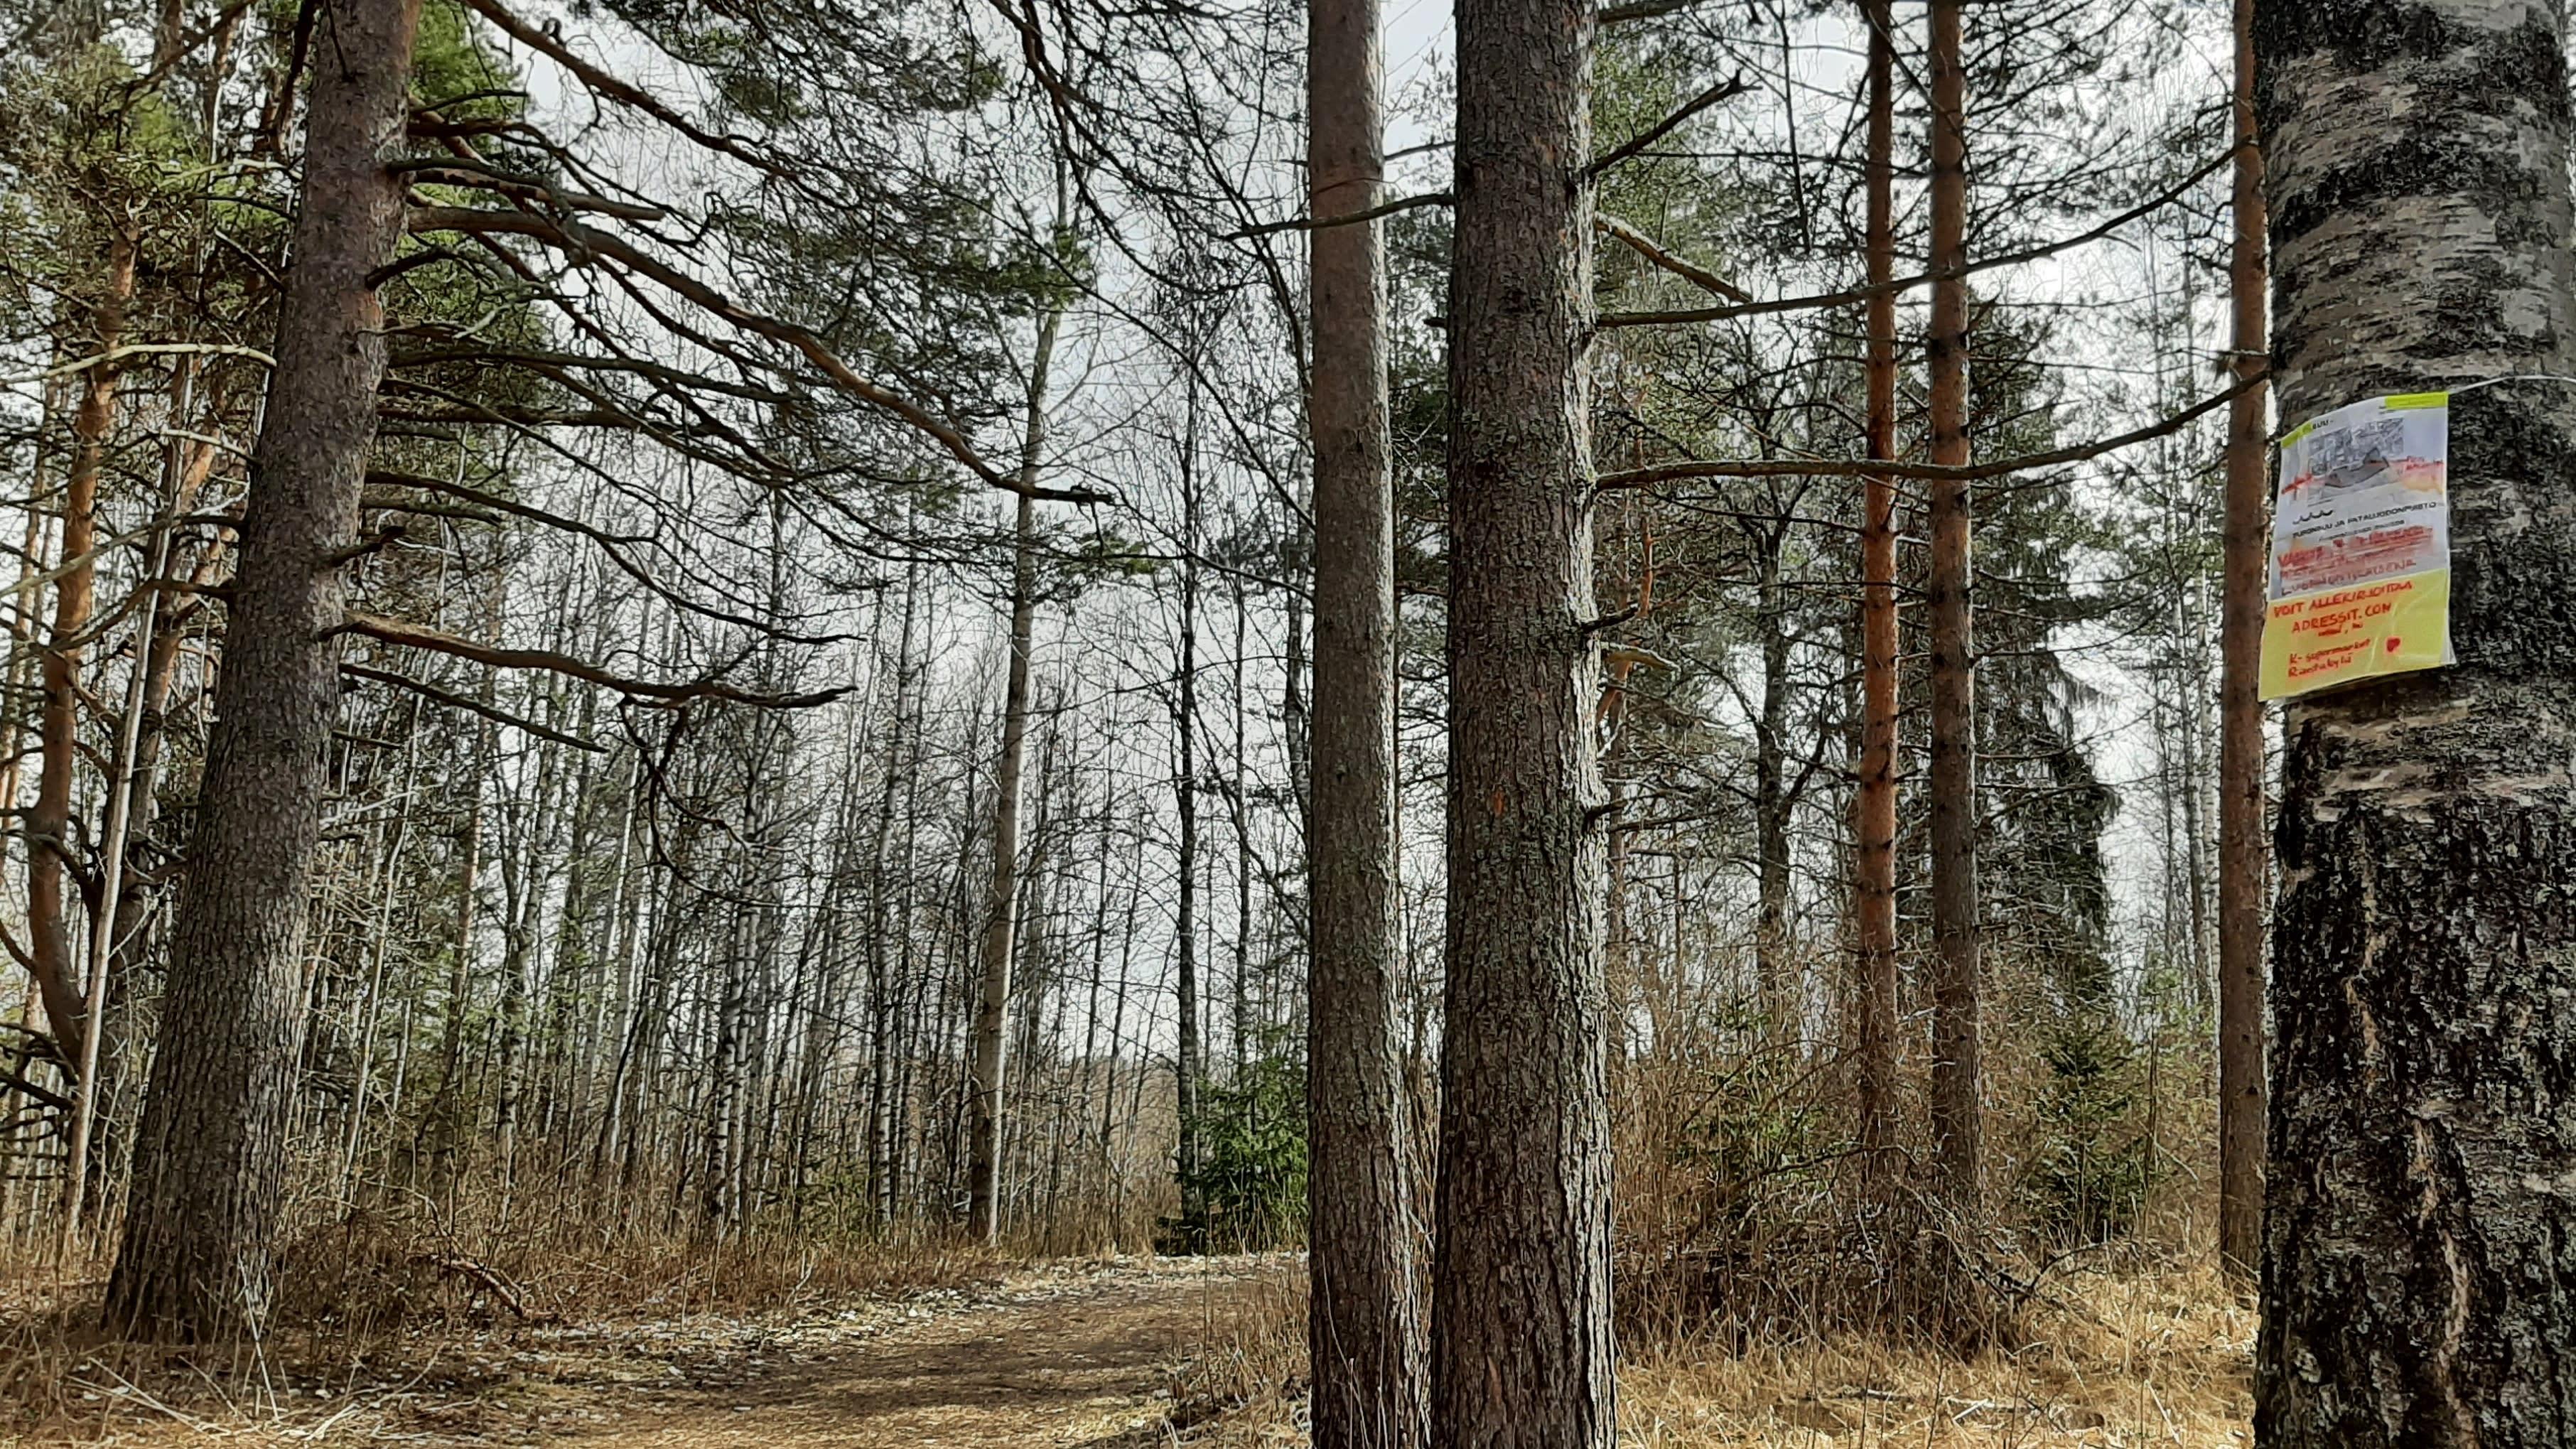 Pataluodonpuiston puuhun on sidottu nimiadressista kertova lappu.